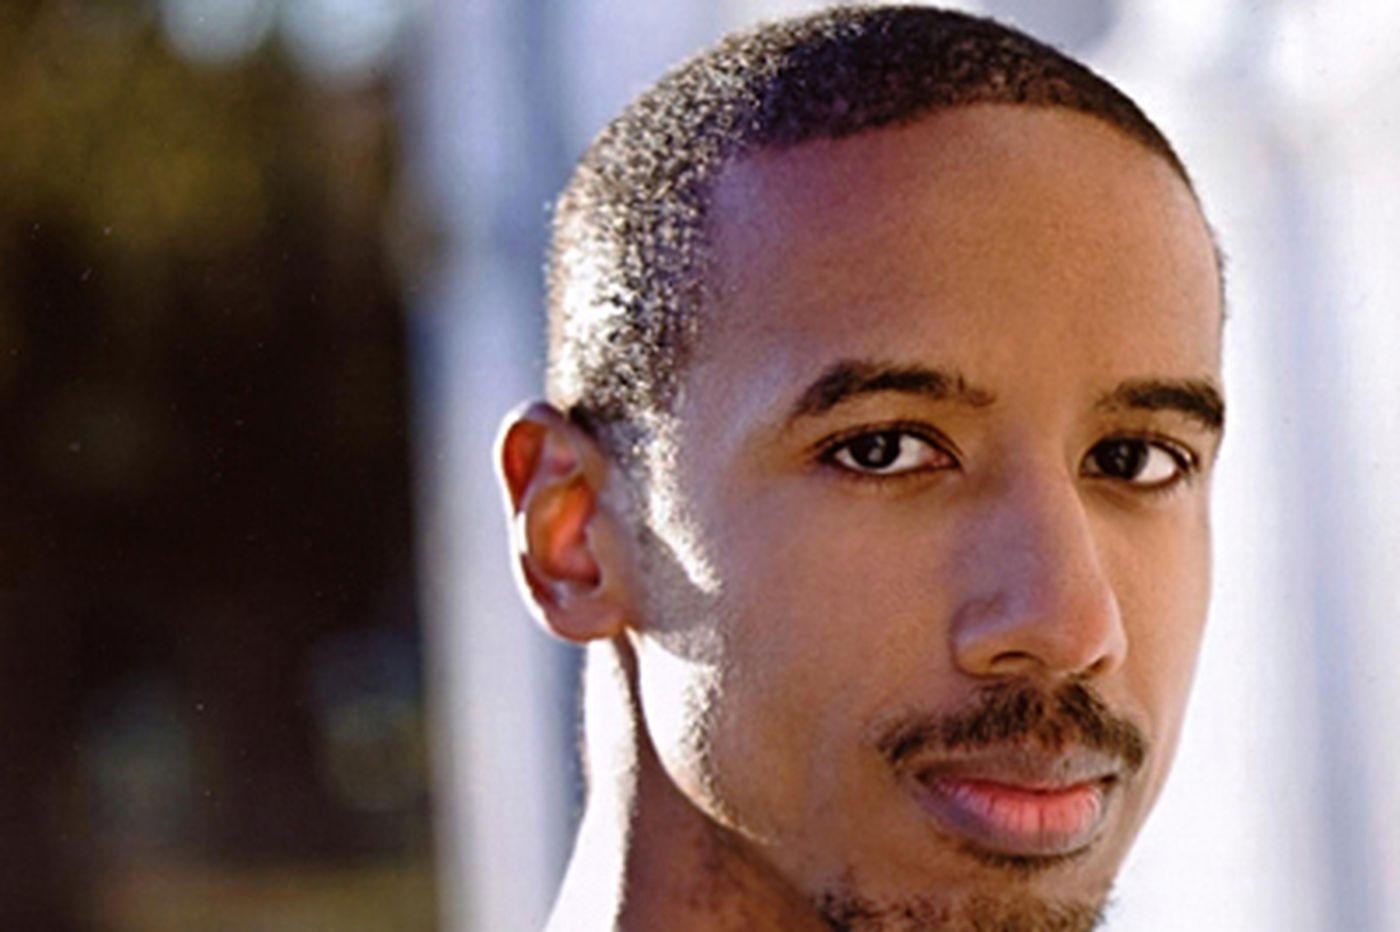 Reuben Mitchell, 31, actor